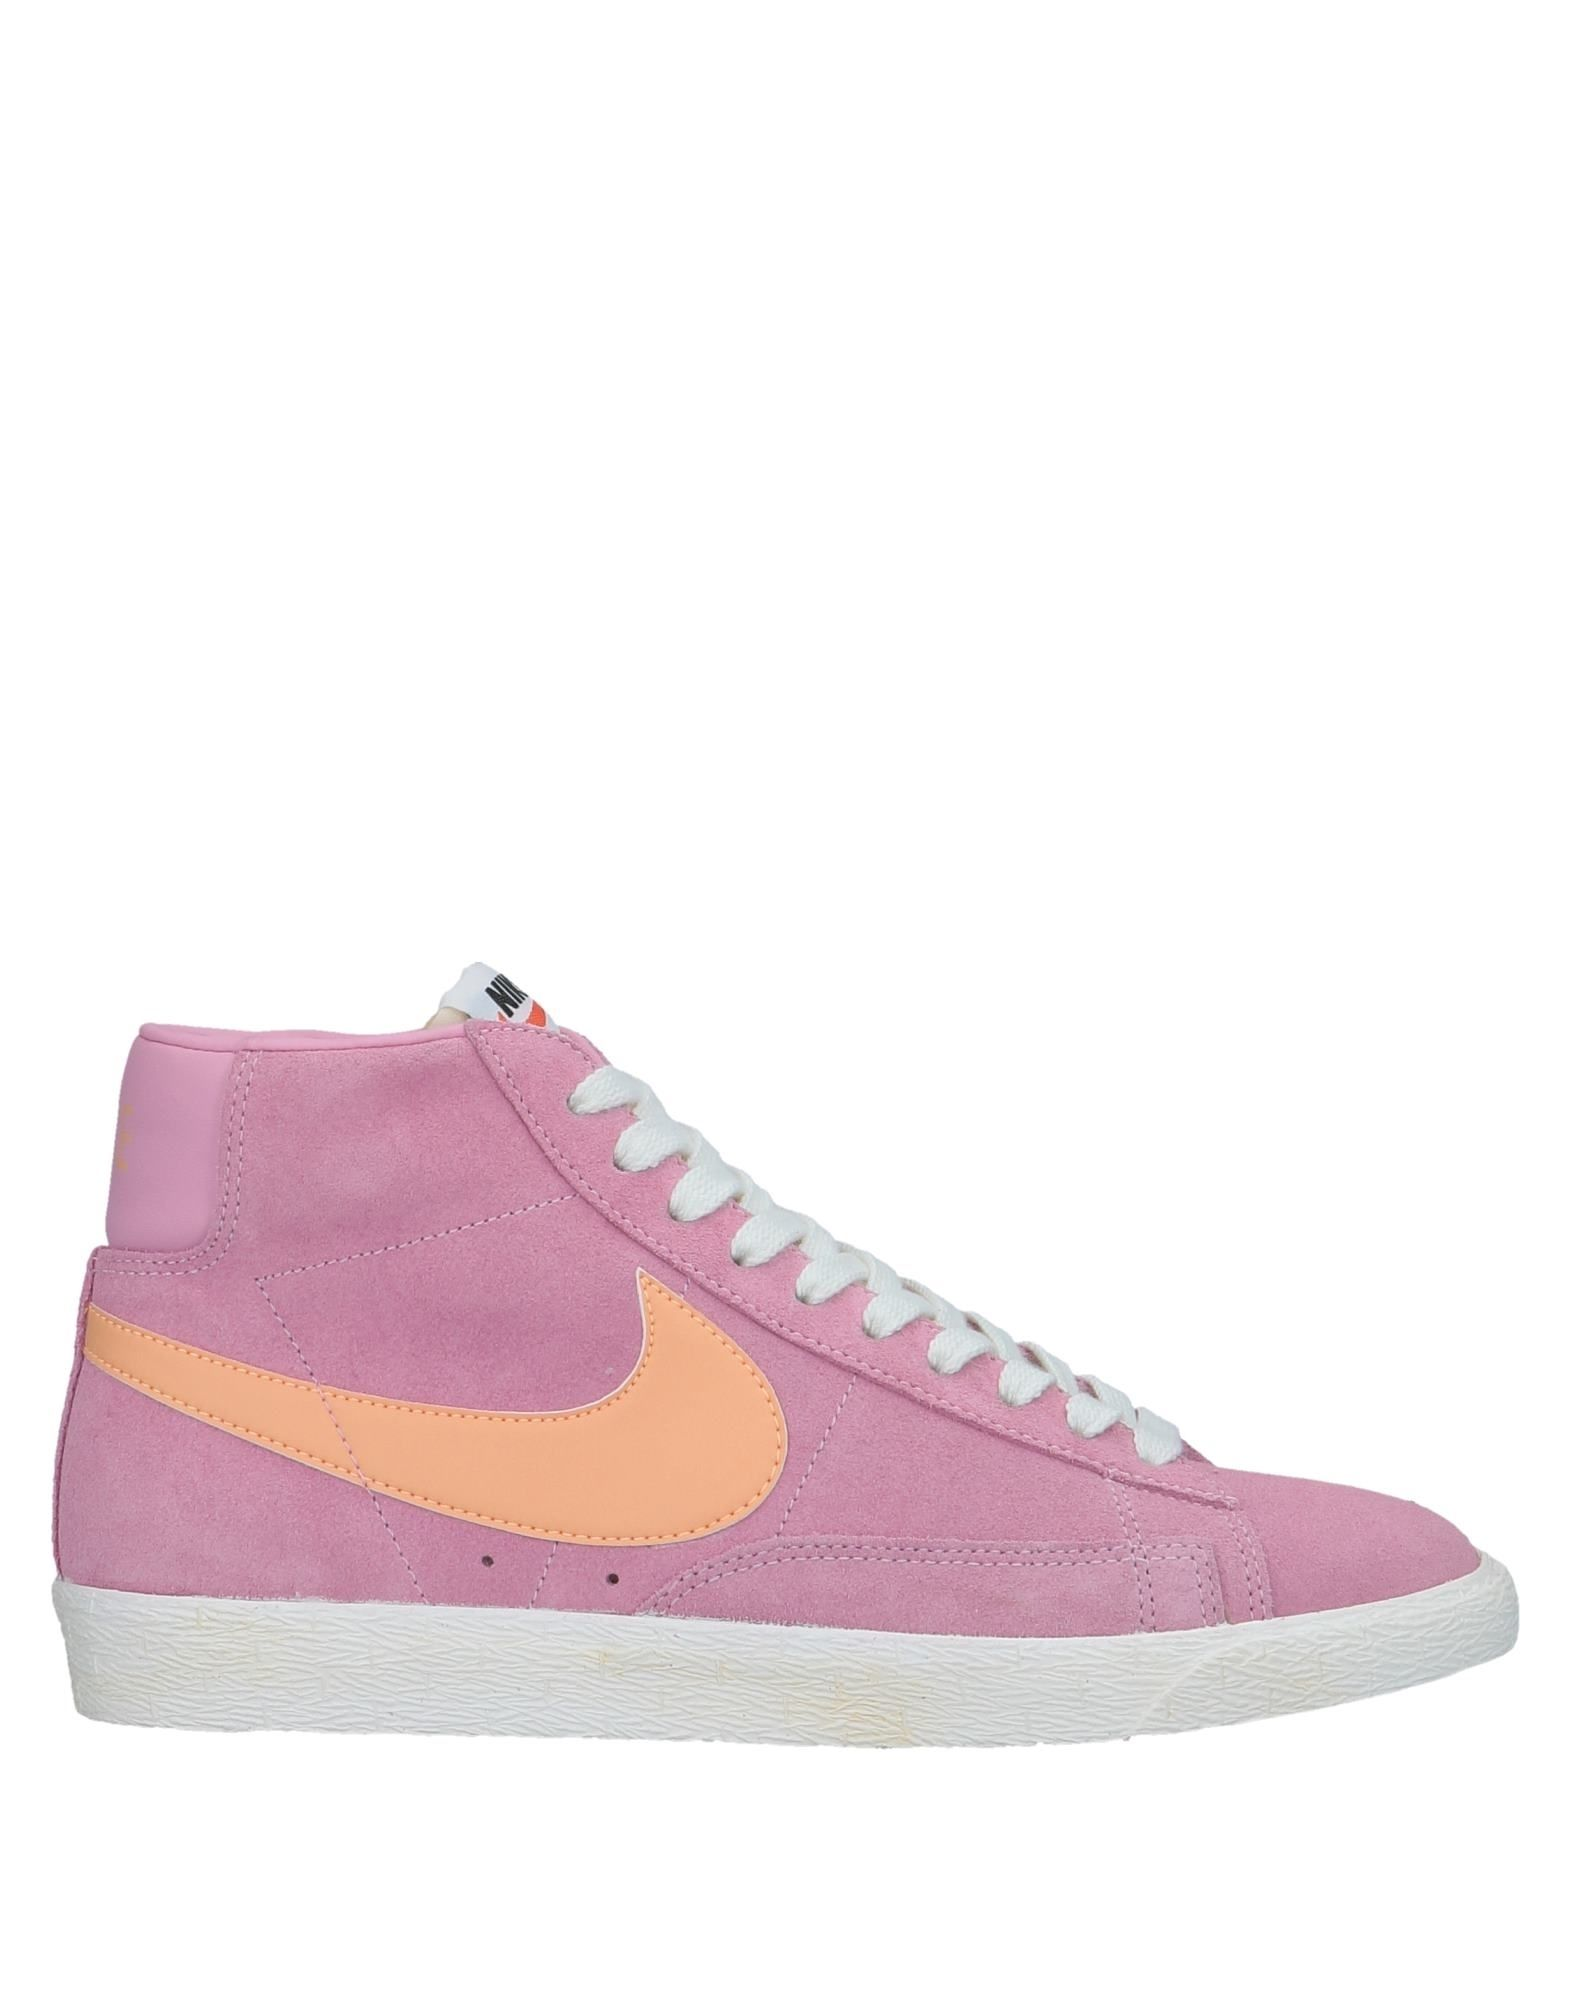 Sneakers Nike Donna - 11522450QU Scarpe economiche e buone